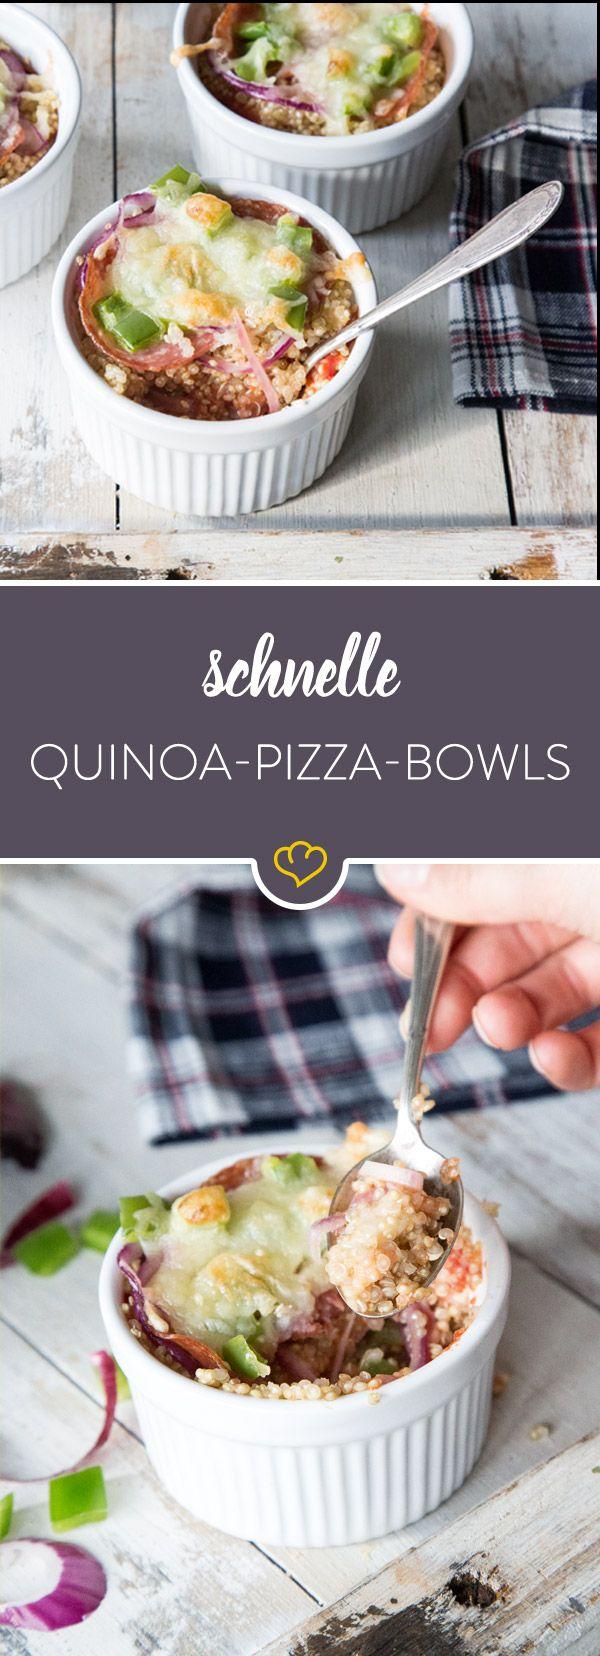 Diese Pizza löffelst du gleich aus der Form. Statt knusprigem Boden schichten sich Paprika, Zwiebel und Salami auf saftigem Quinoa - getoppt mit Mozzarella.